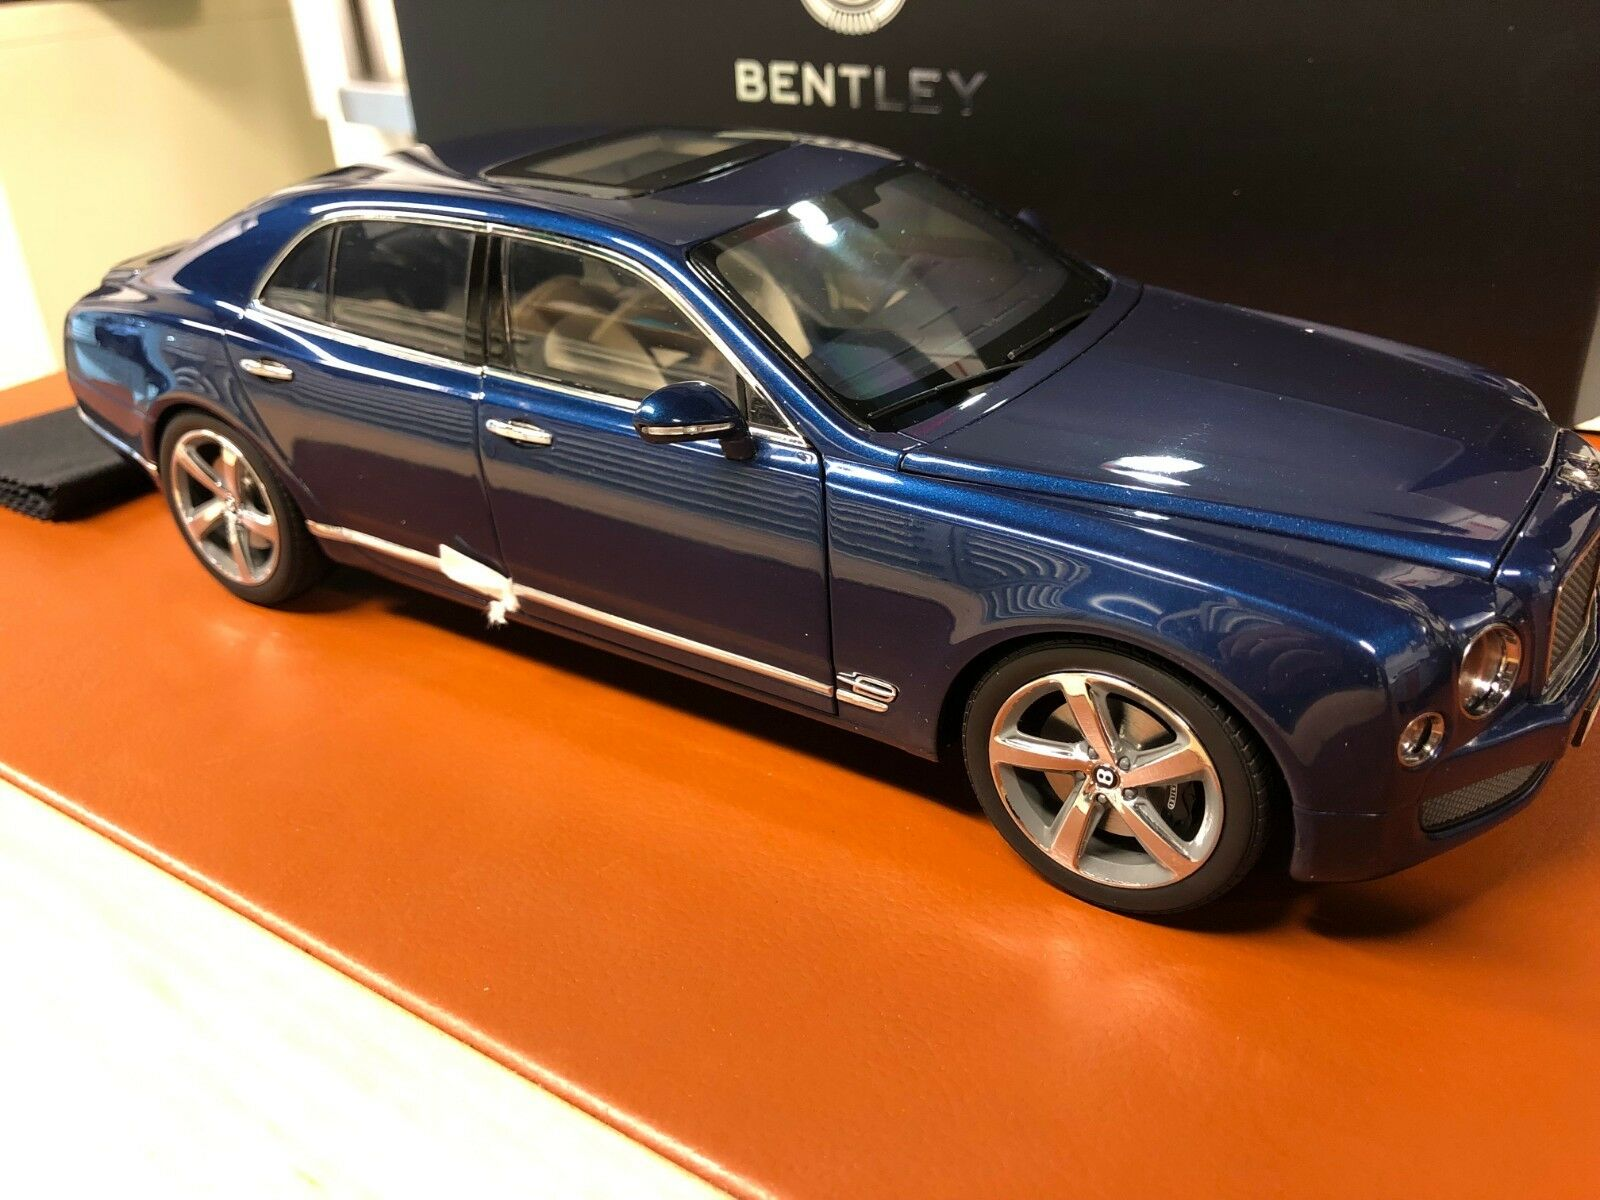 2014 Bentley Mulsanne Speed Marlin 1:18 Scale Model #BL1295, NEW